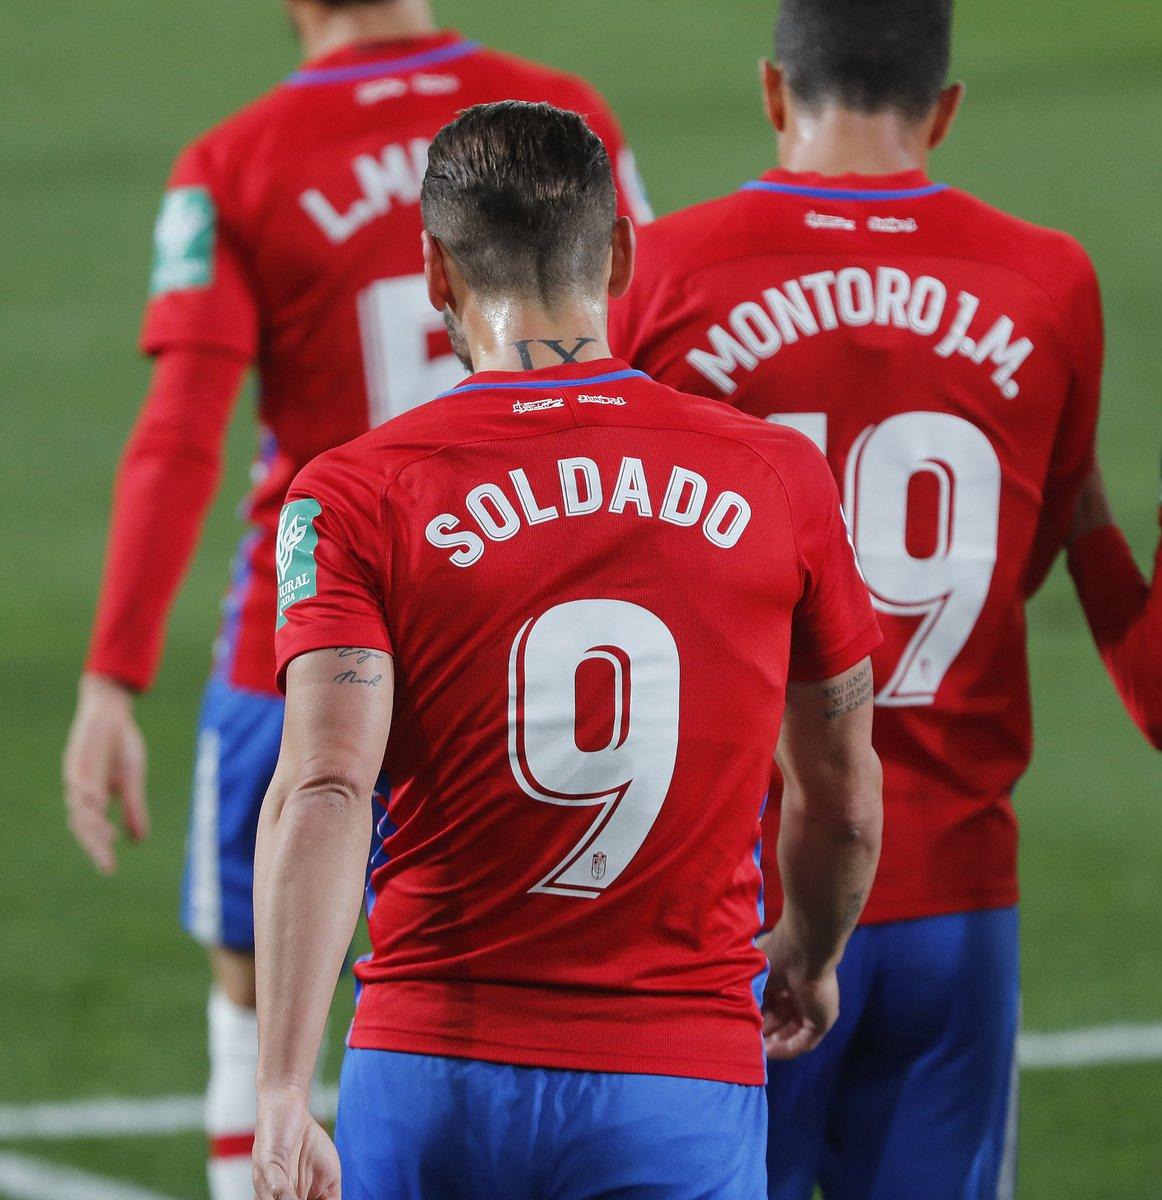 ⚽ Cuatro goles en #LaLigaSantander.   Un 9⃣ de corazón, @R9Soldado.   #VillarrealGranada  #HayQueVivirla